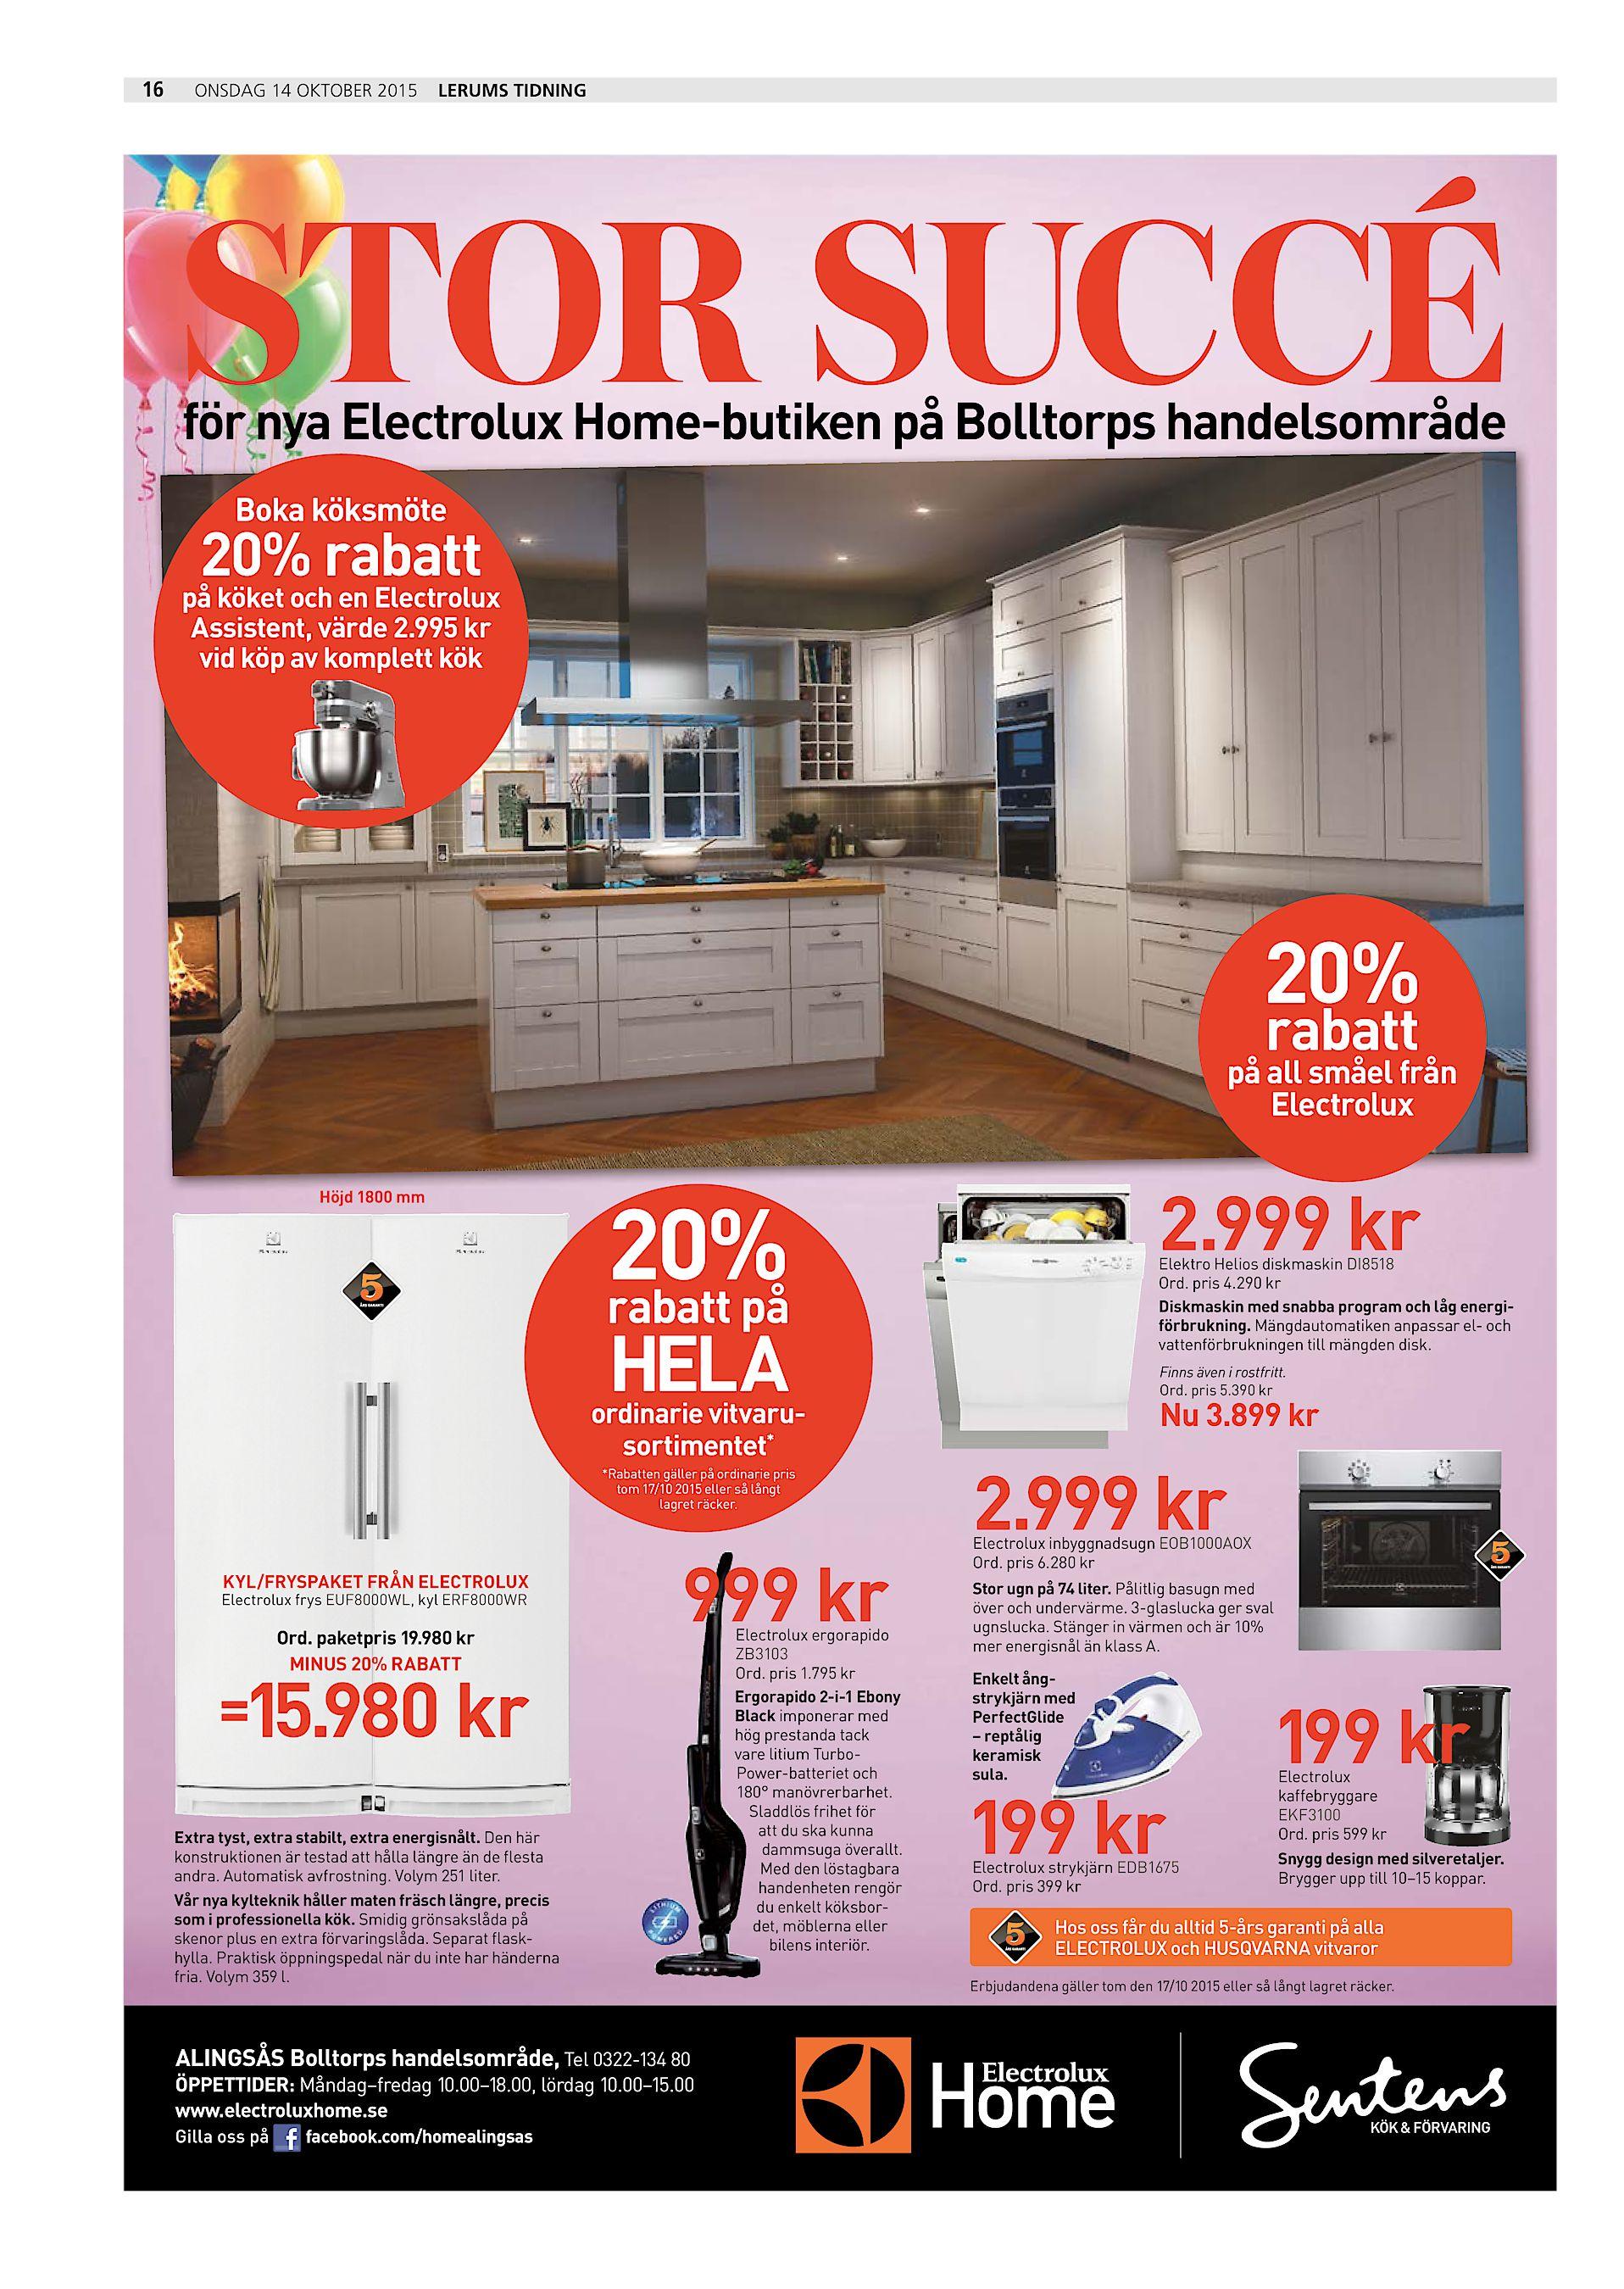 24c7d069330 16 ONSDAG 14 OKTOBER 2015 LERUMS TIDNING STOR SUCCÉ för nya Electrolux  Home-butiken på Bolltorps handelsområde Boka köksmöte 20% rabatt på köket  och en ...